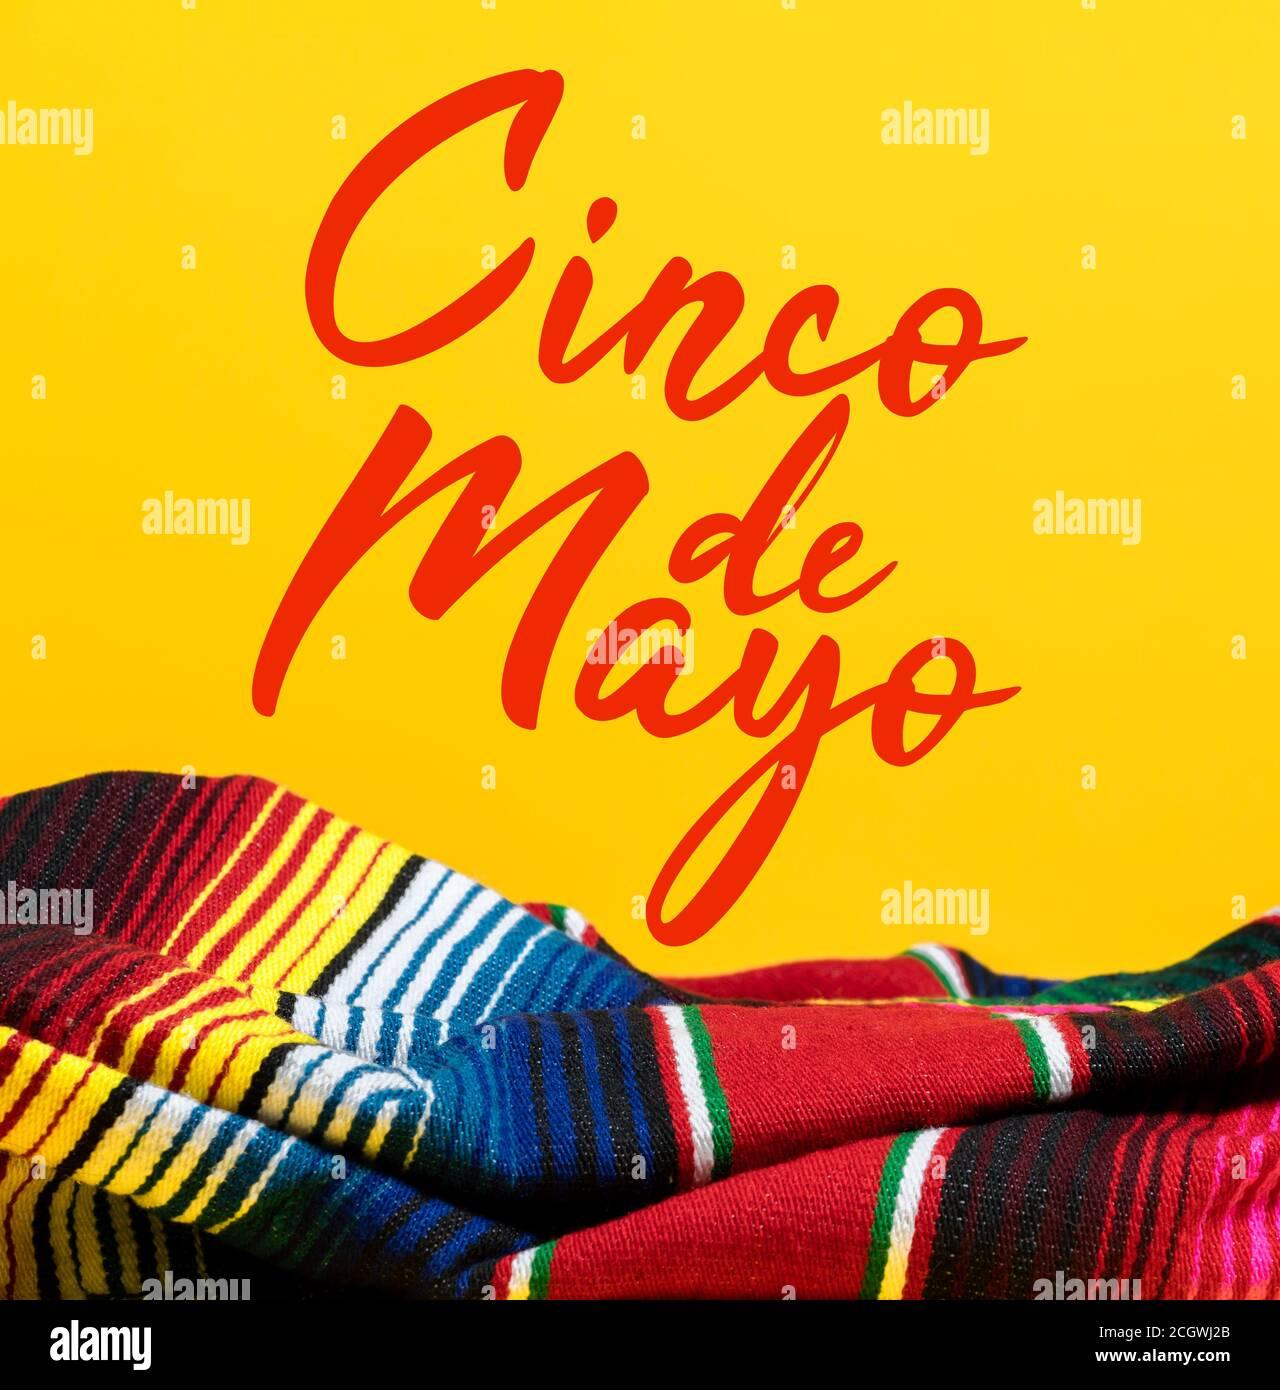 Mexikanische Serape Decke auf gelbem Hintergrund mit Cinco de Mayo. Stockfoto